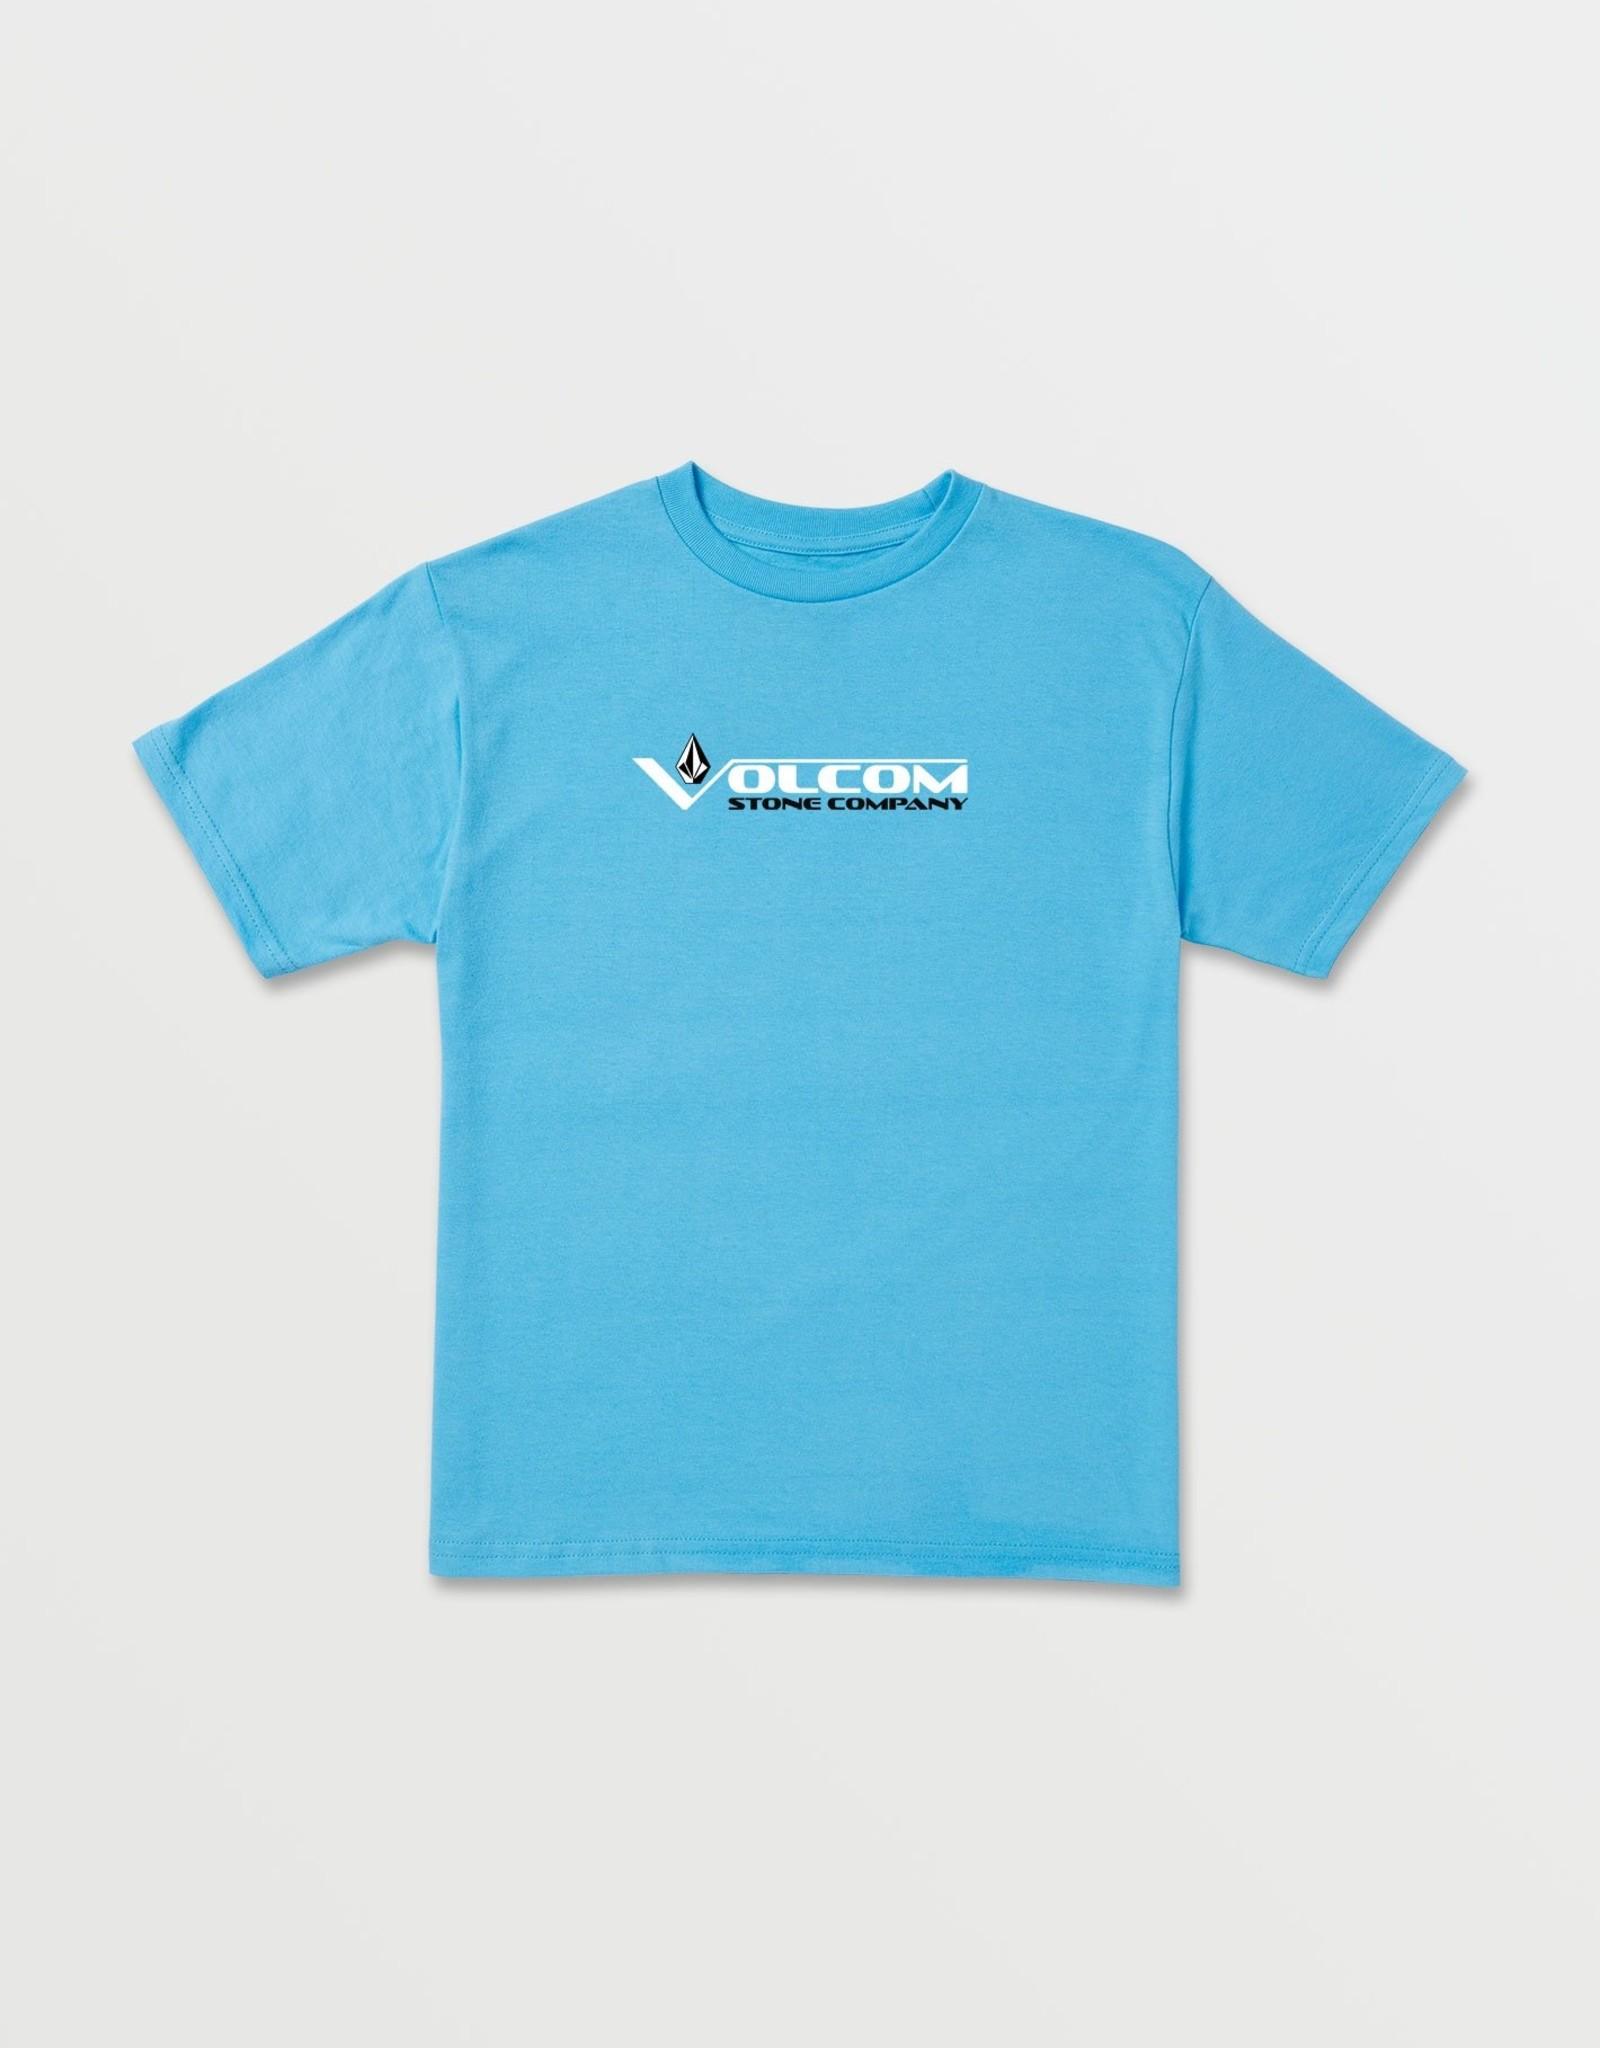 Volcom FA20 Vee Stone Short Sleeve Tee- Aqua